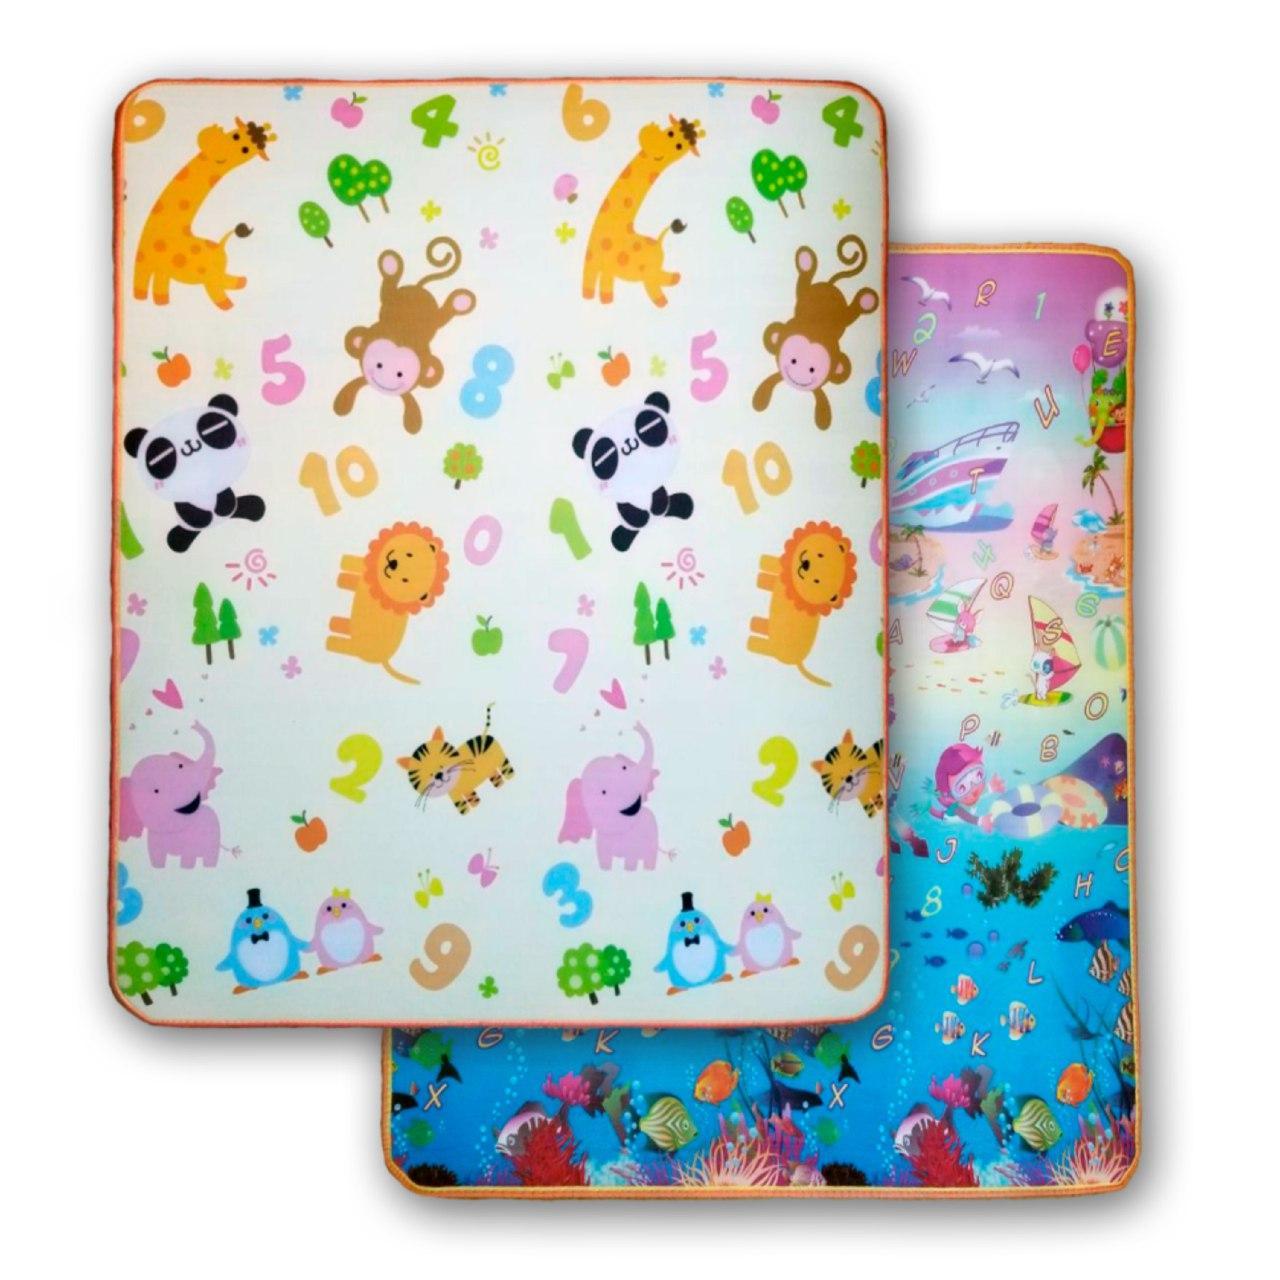 Розвиваючий двухстронній дитячий ігровий термо килимок для повзання 2000 * 1800 * 10